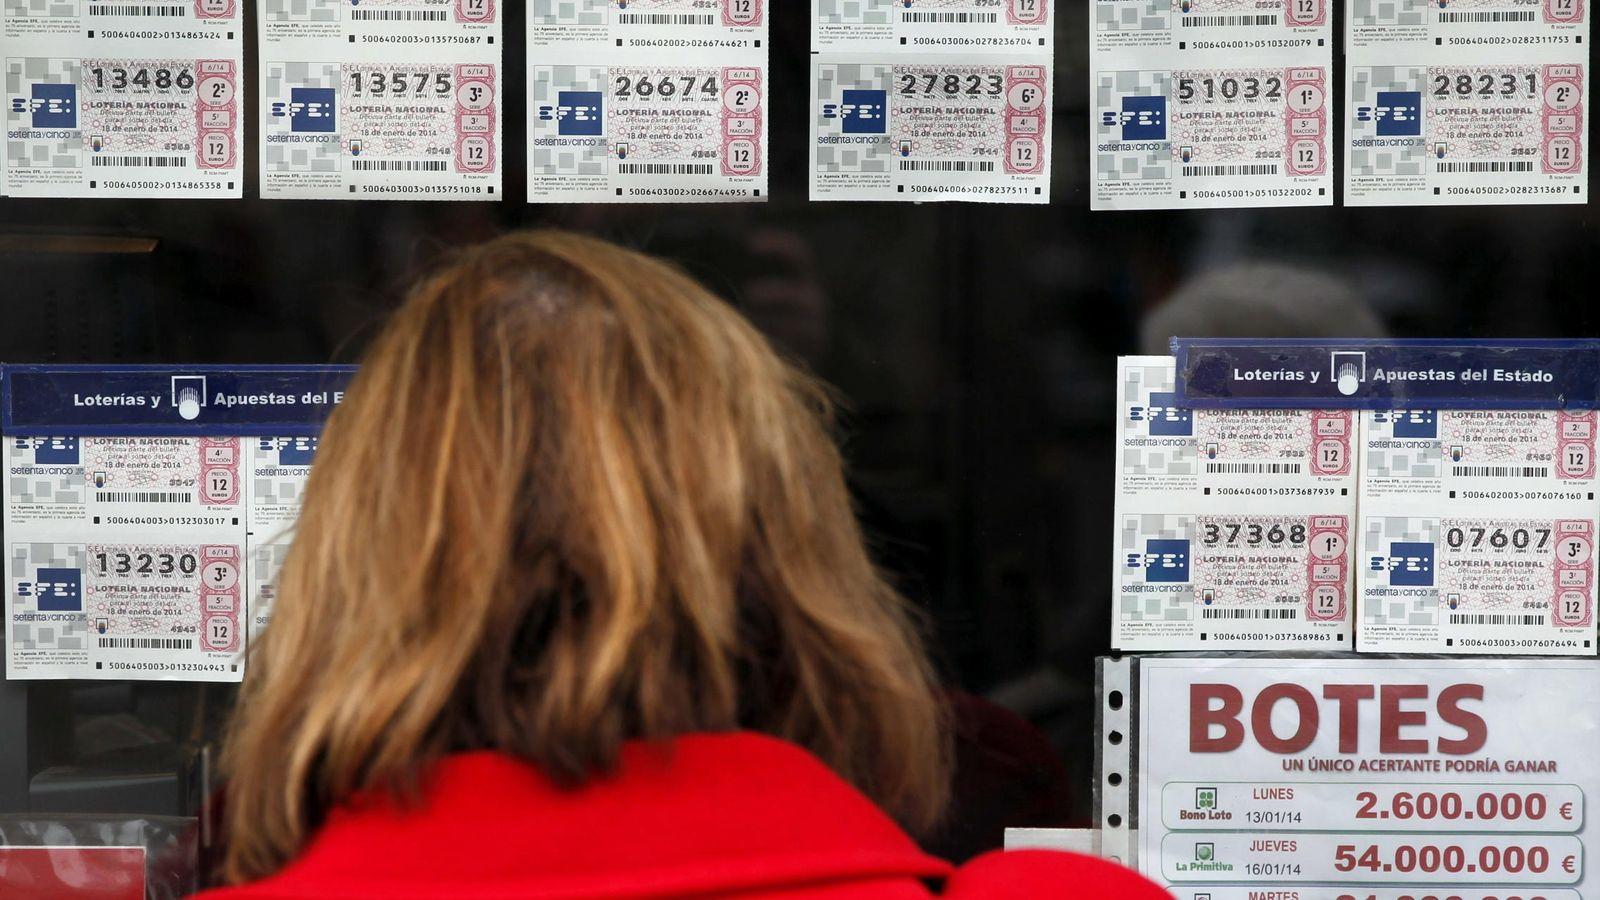 Foto: Imagen de archivo de una Administración de Lotería.